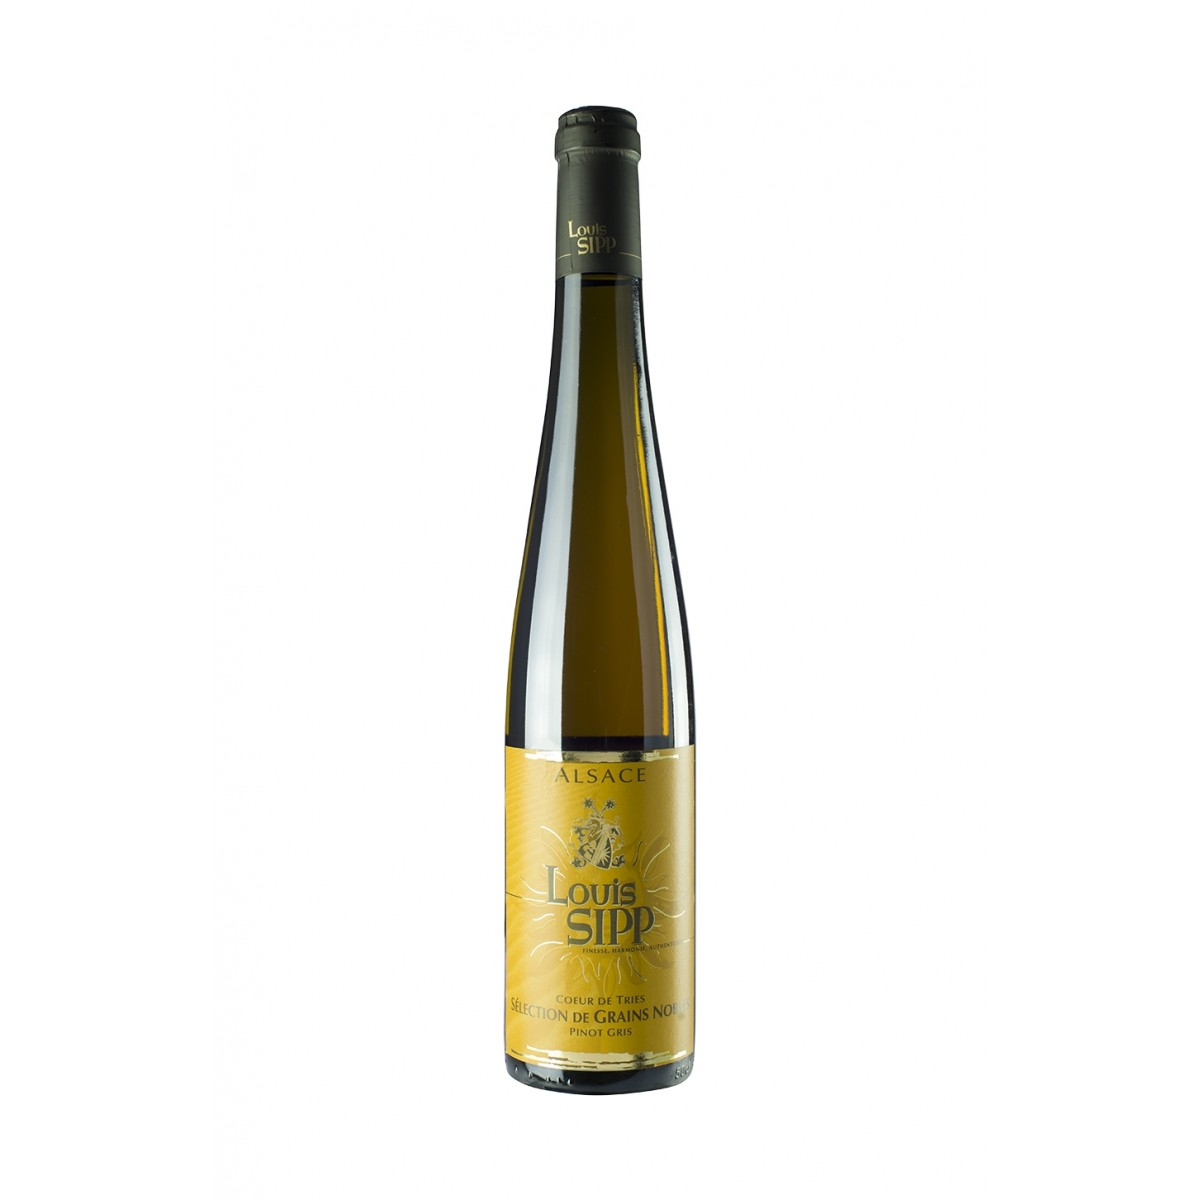 Pinot Gris Sel. de Grains Nobles 'Coeur de Tries' 2007 - Louis Sipp